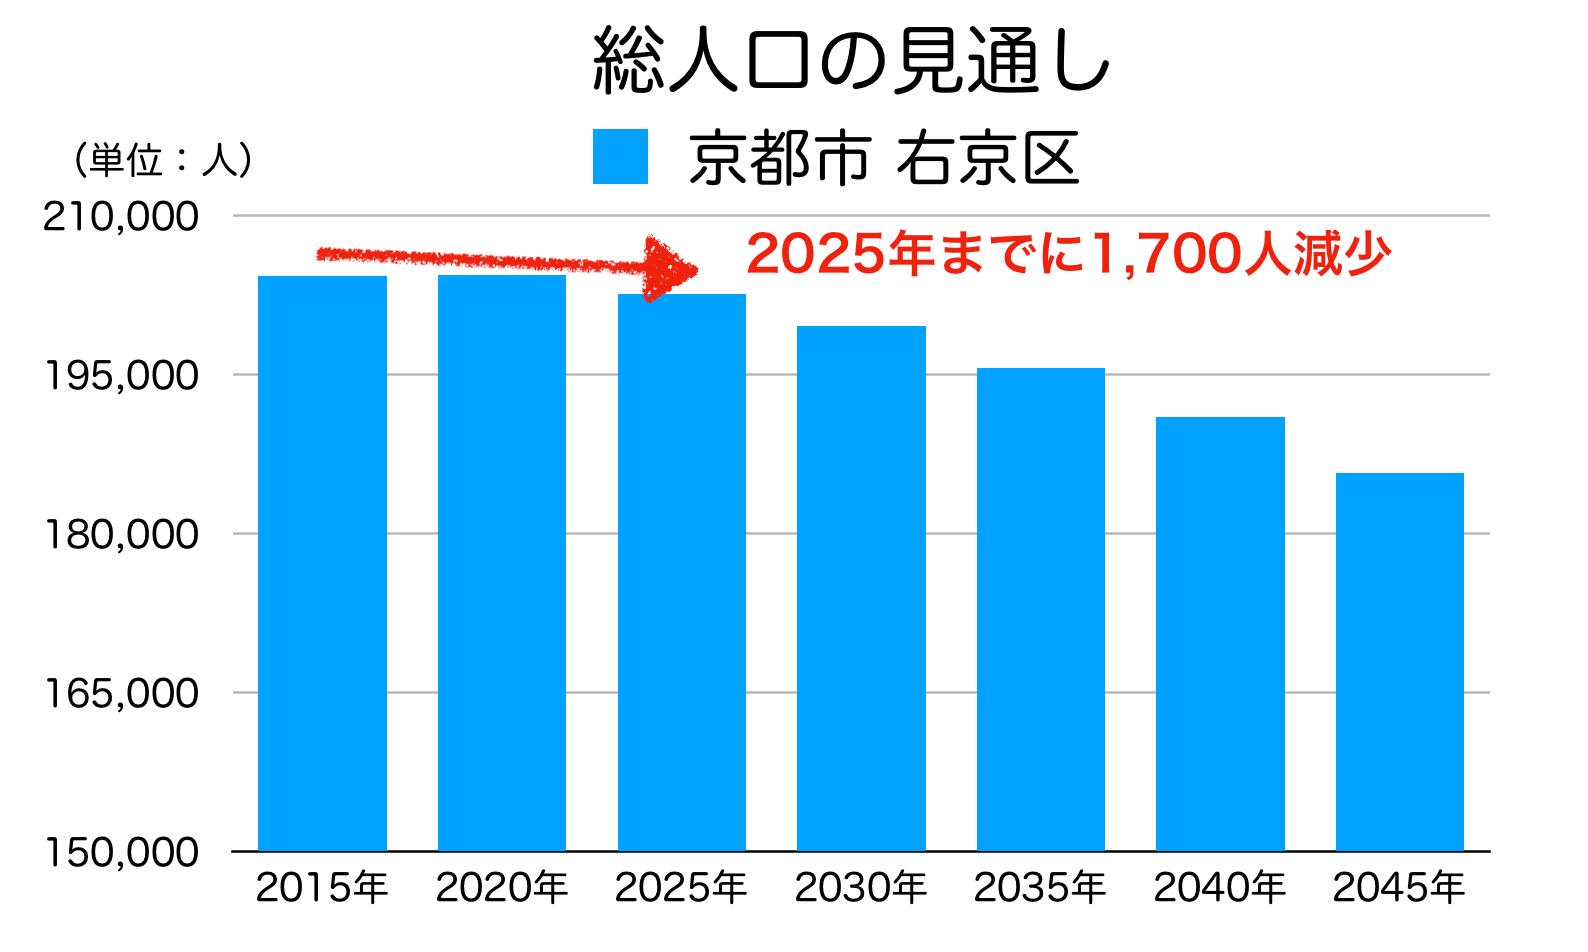 京都市右京区の人口予測